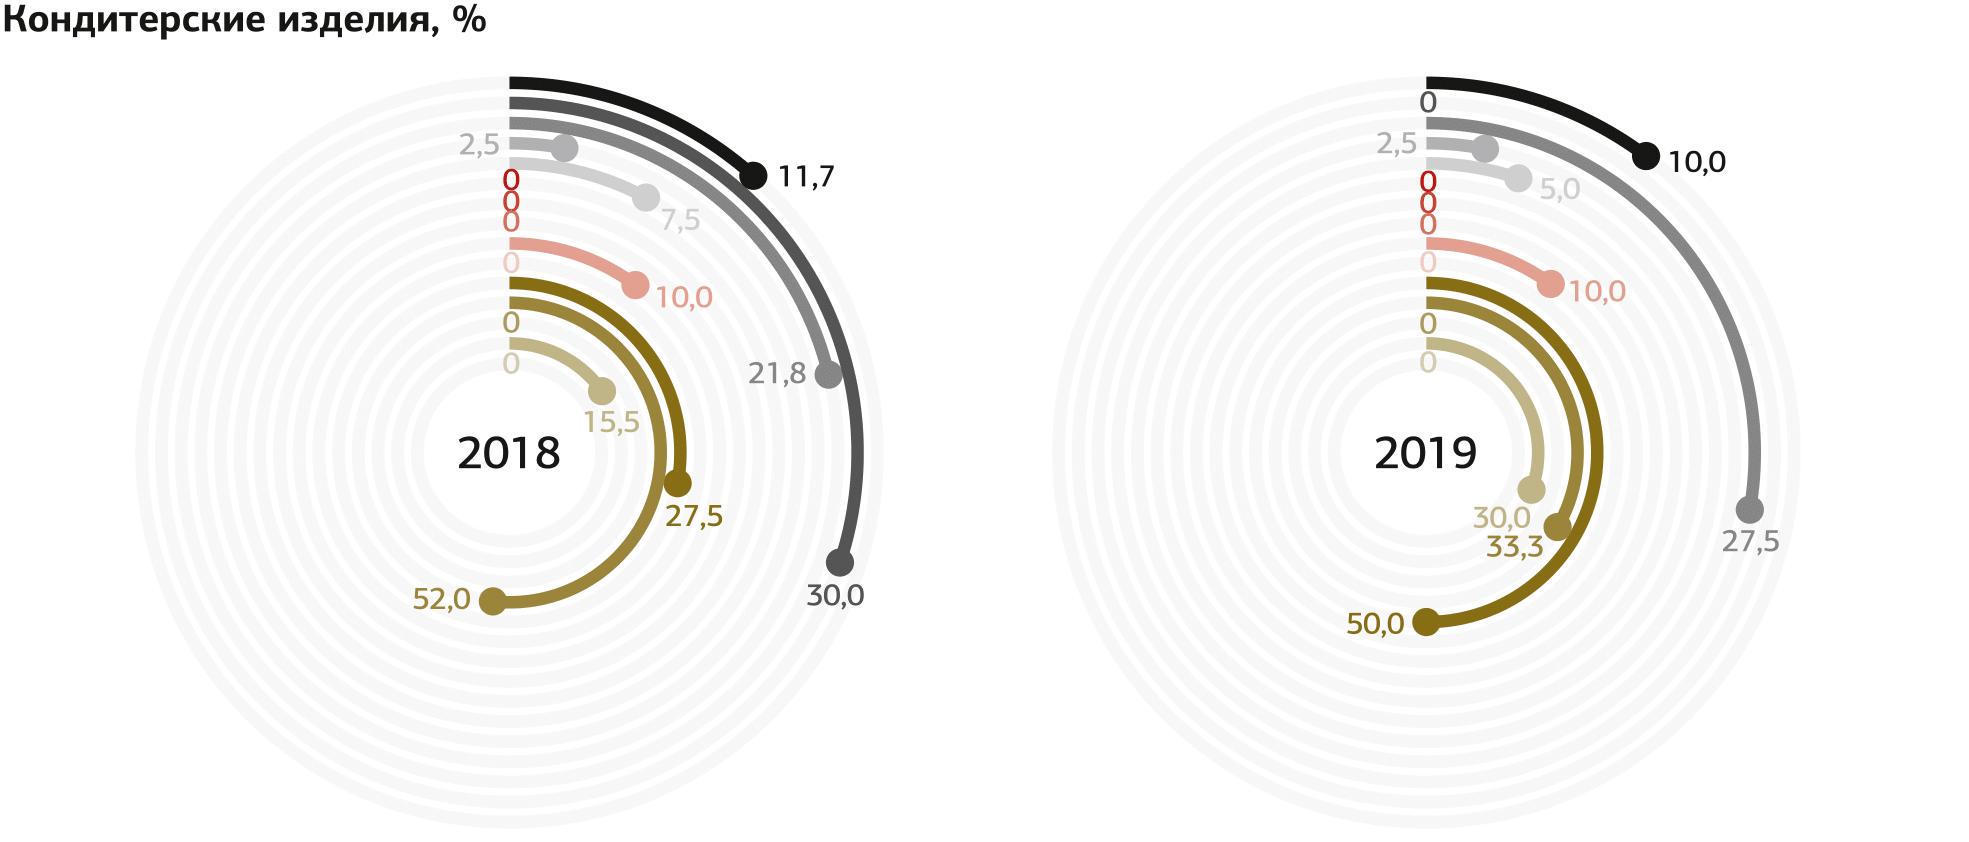 Индекс маркетинговых настроений 2018/2019 Inf_web-32